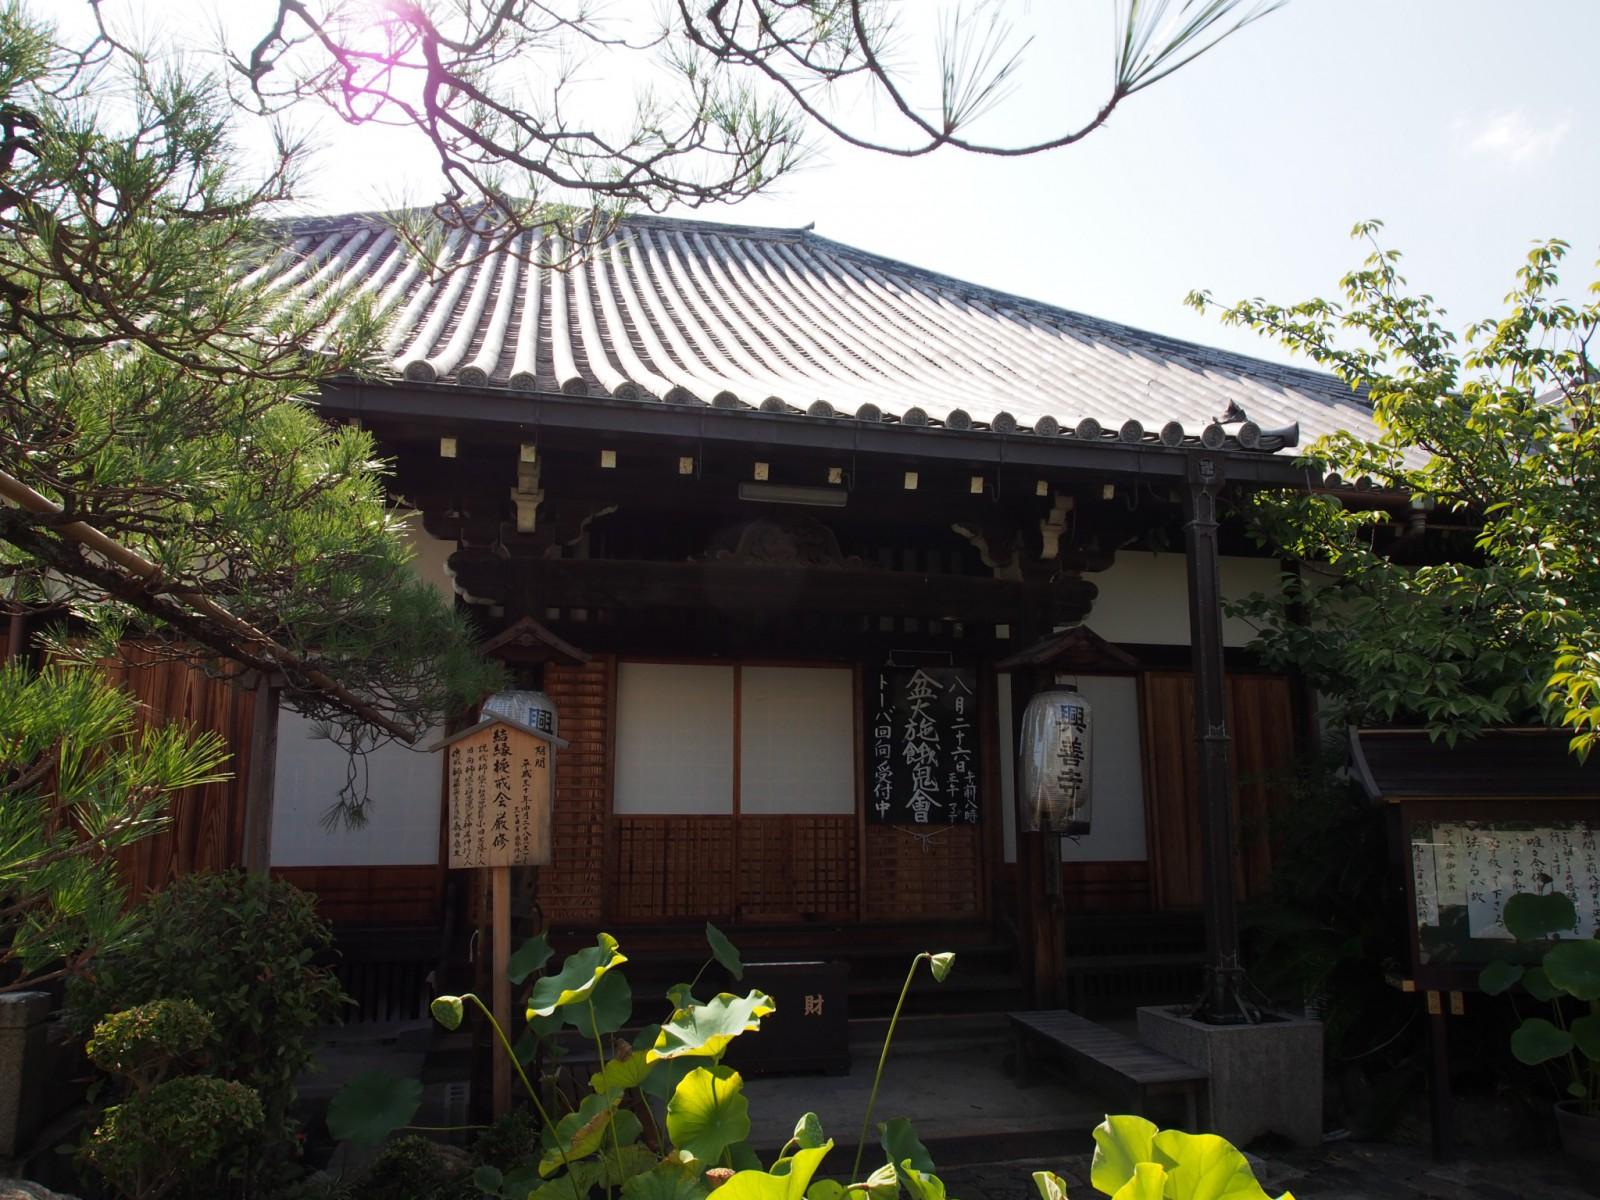 興善寺本堂(ならまち)